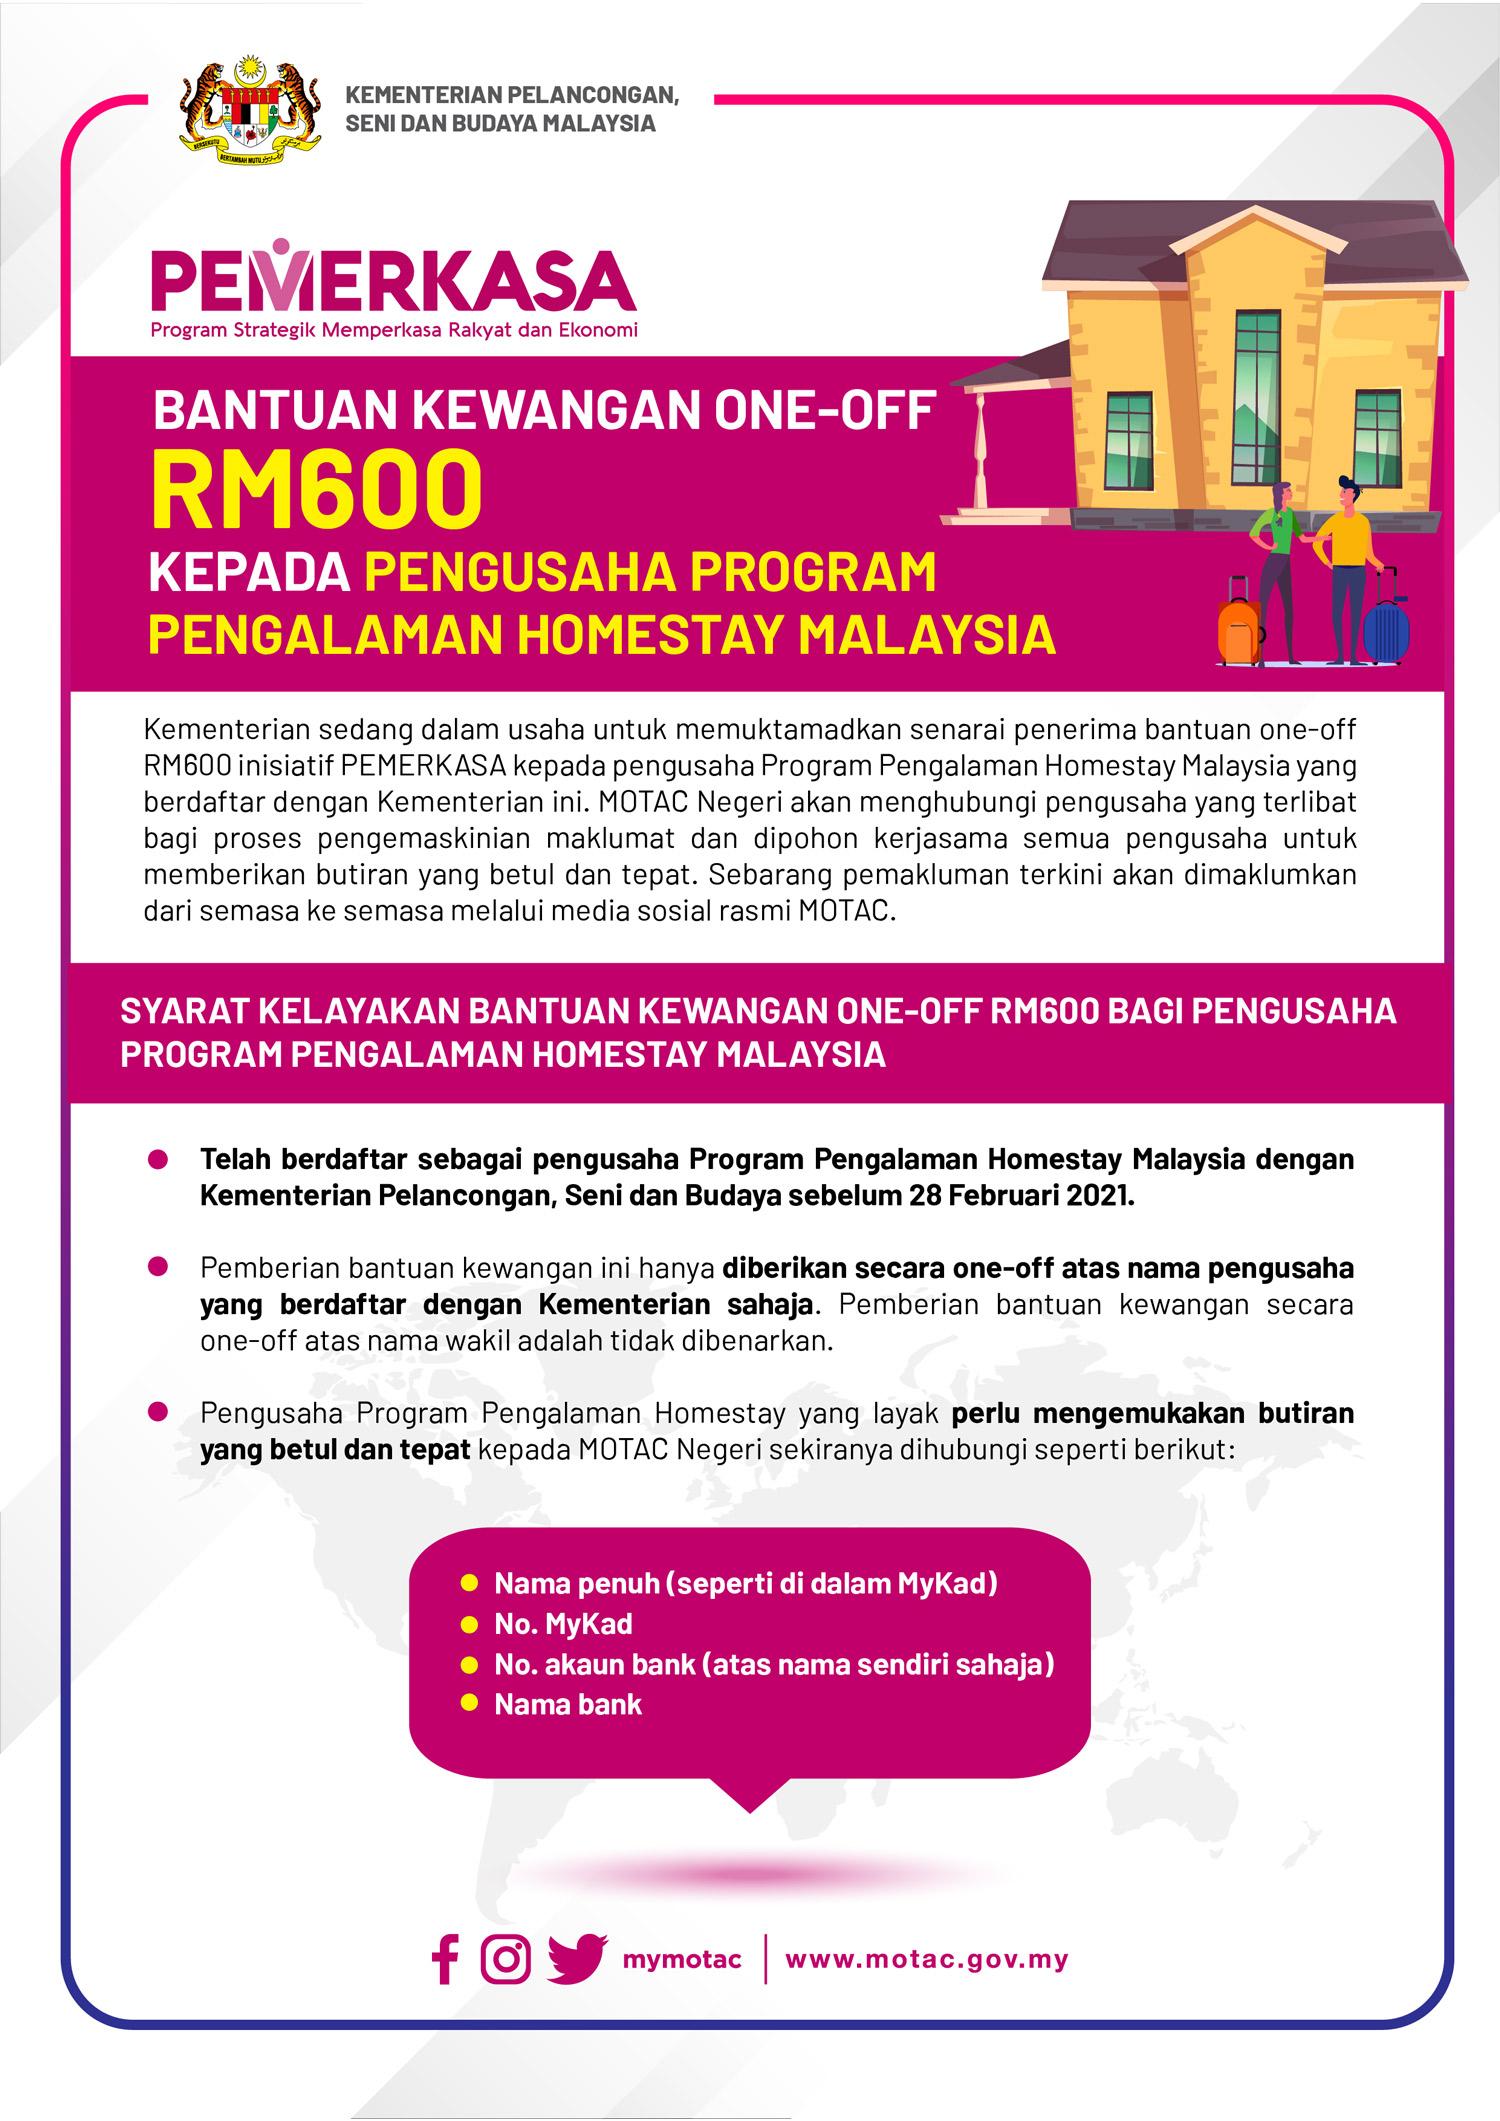 Permohonan Bantuan Kewangan PEMERKASA Kepada Pengusaha Program Pengalaman Homestay Malaysia